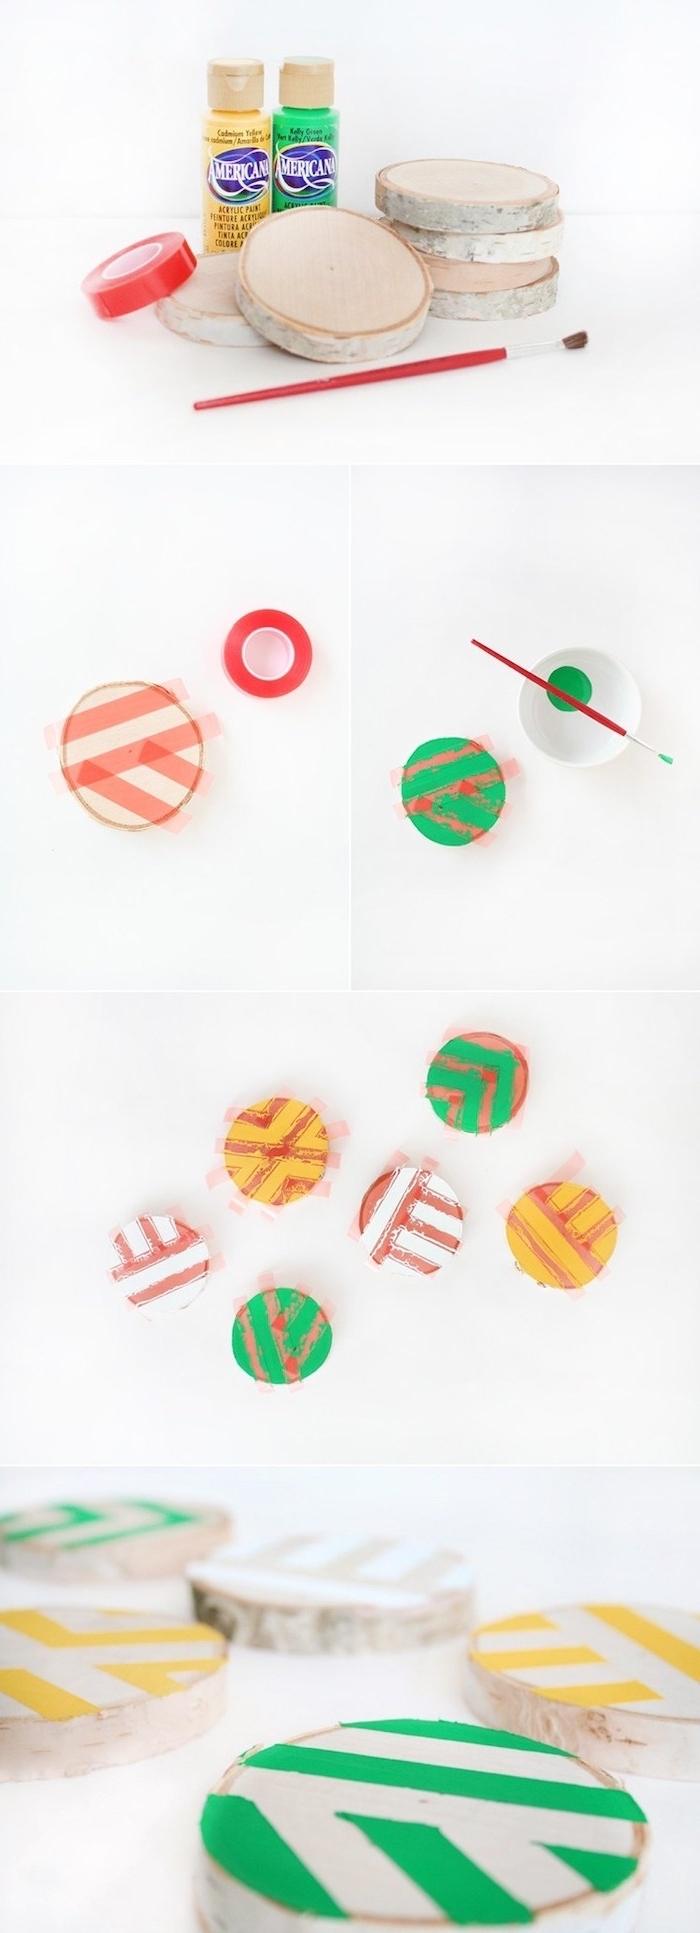 holzuntersetzer dekoriert mit bunten farben geometrische linien diy anleitung schritt für shritt dekoration ideen inspiration birkenstamm deko inspo figuren aus holz